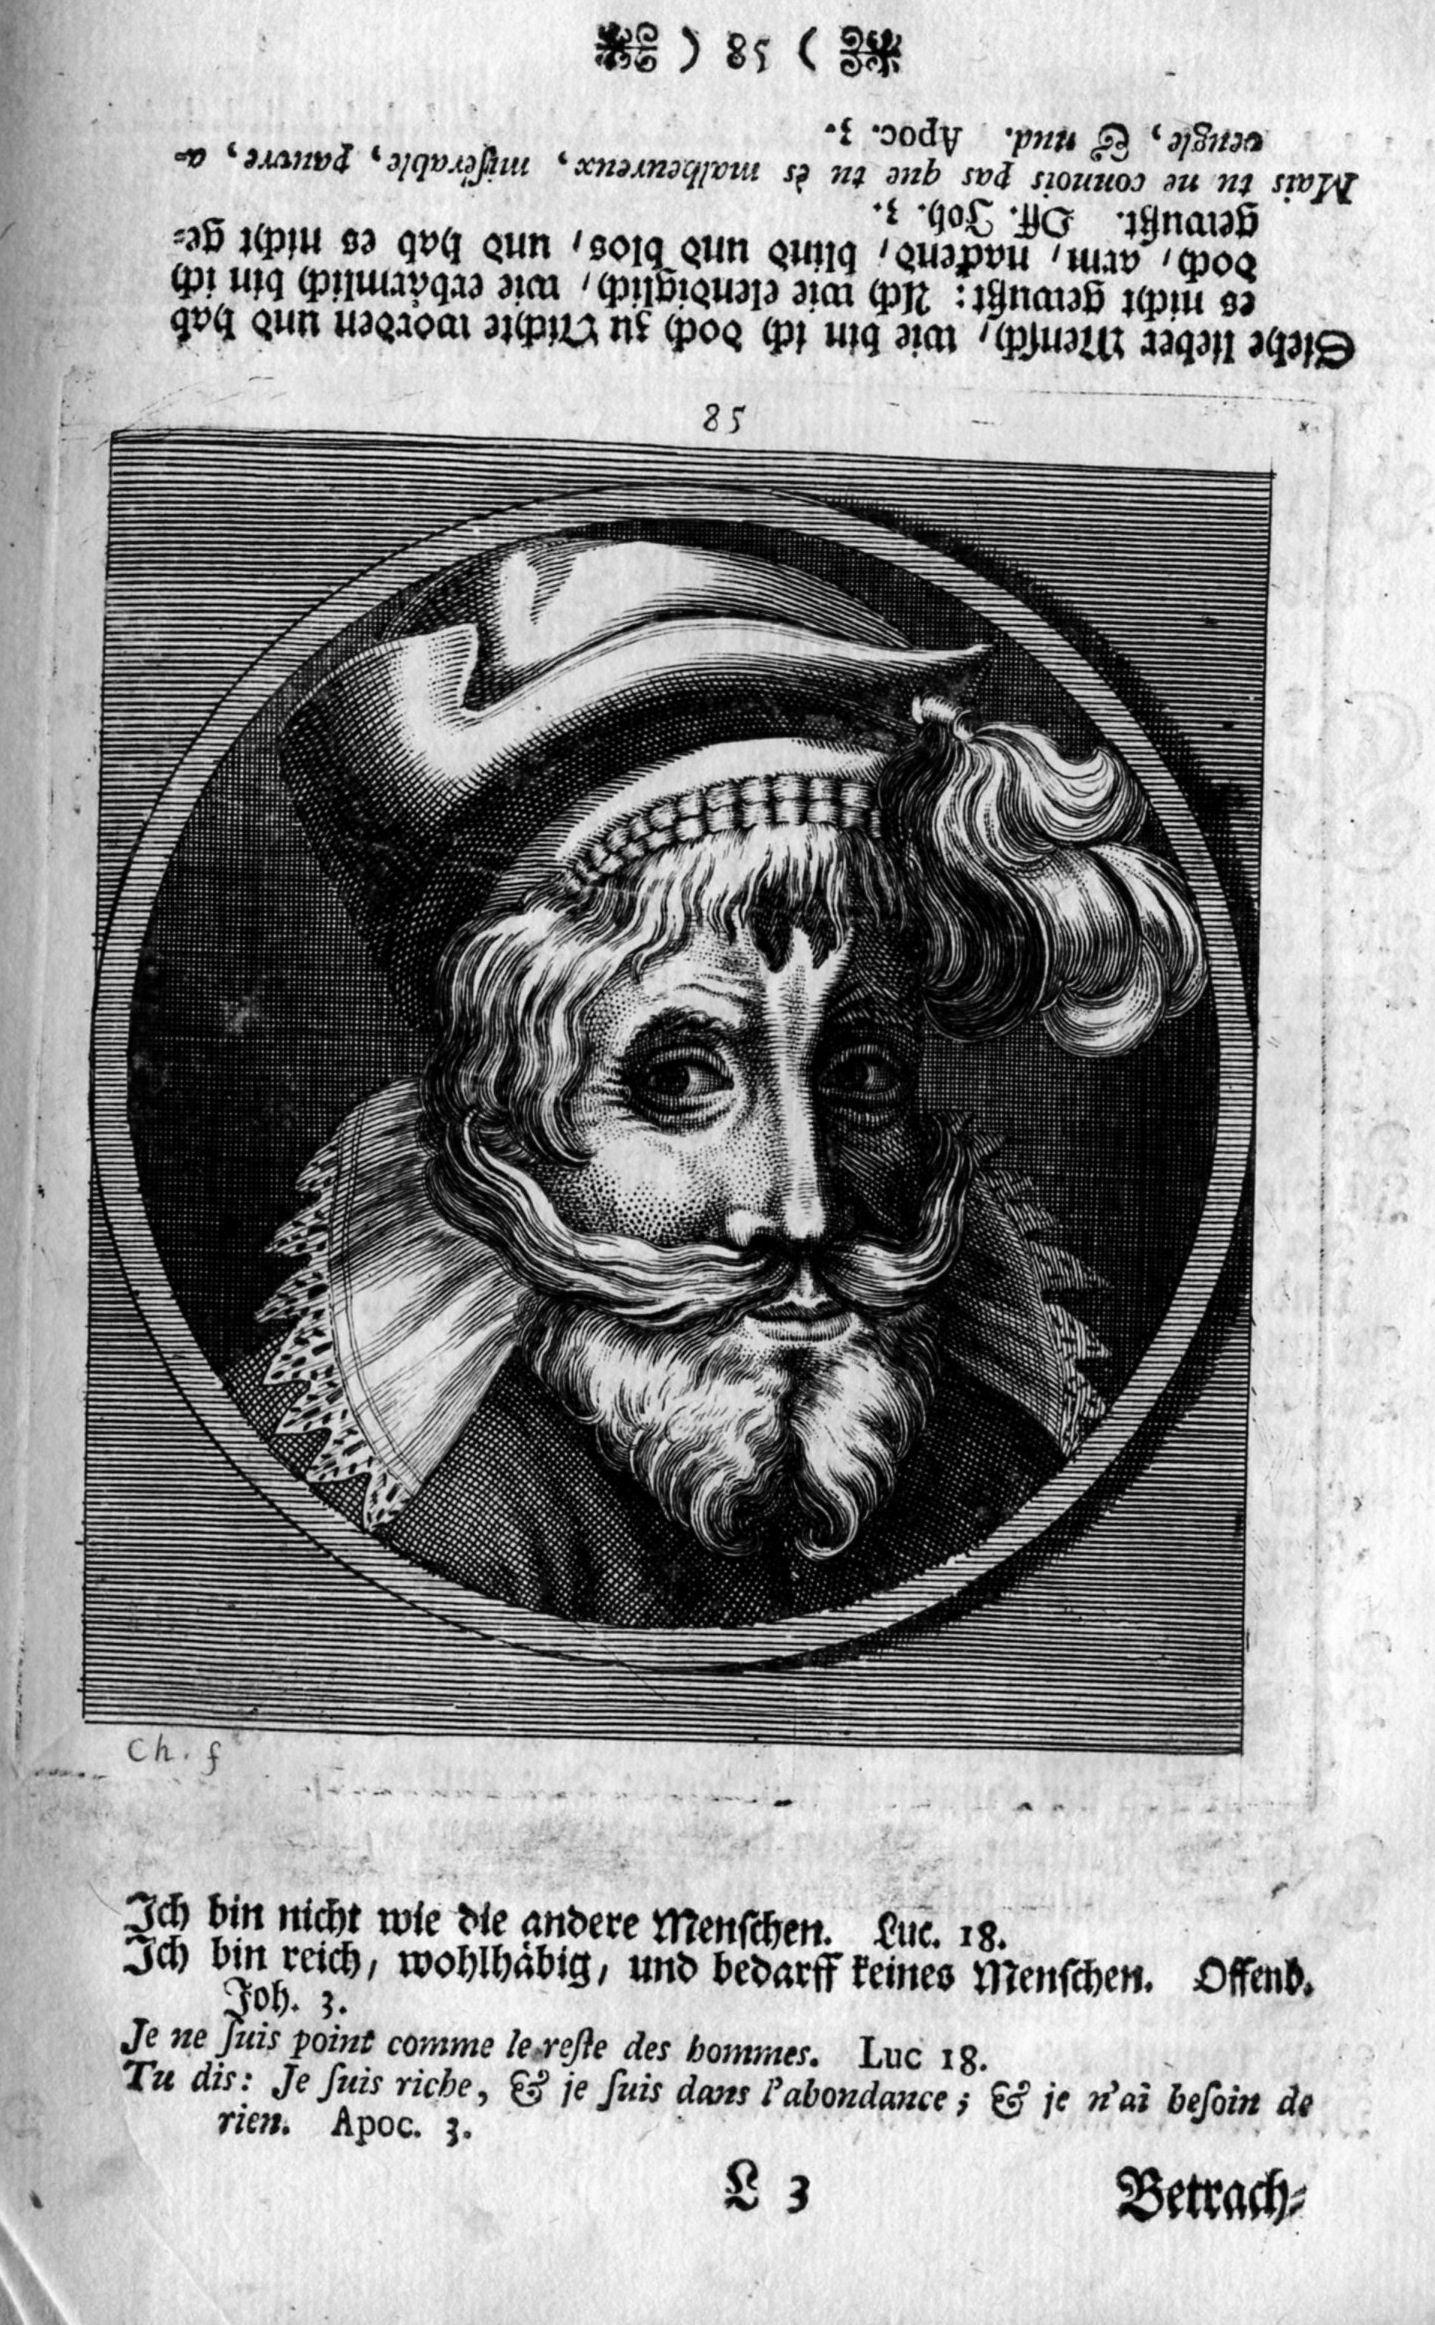 HB 1744 CHOVIN pl.85 de La Danse des morts, comme elle est depeinte dans la louable et celebre ville de Basle d'apres Mathieu MERIAN A